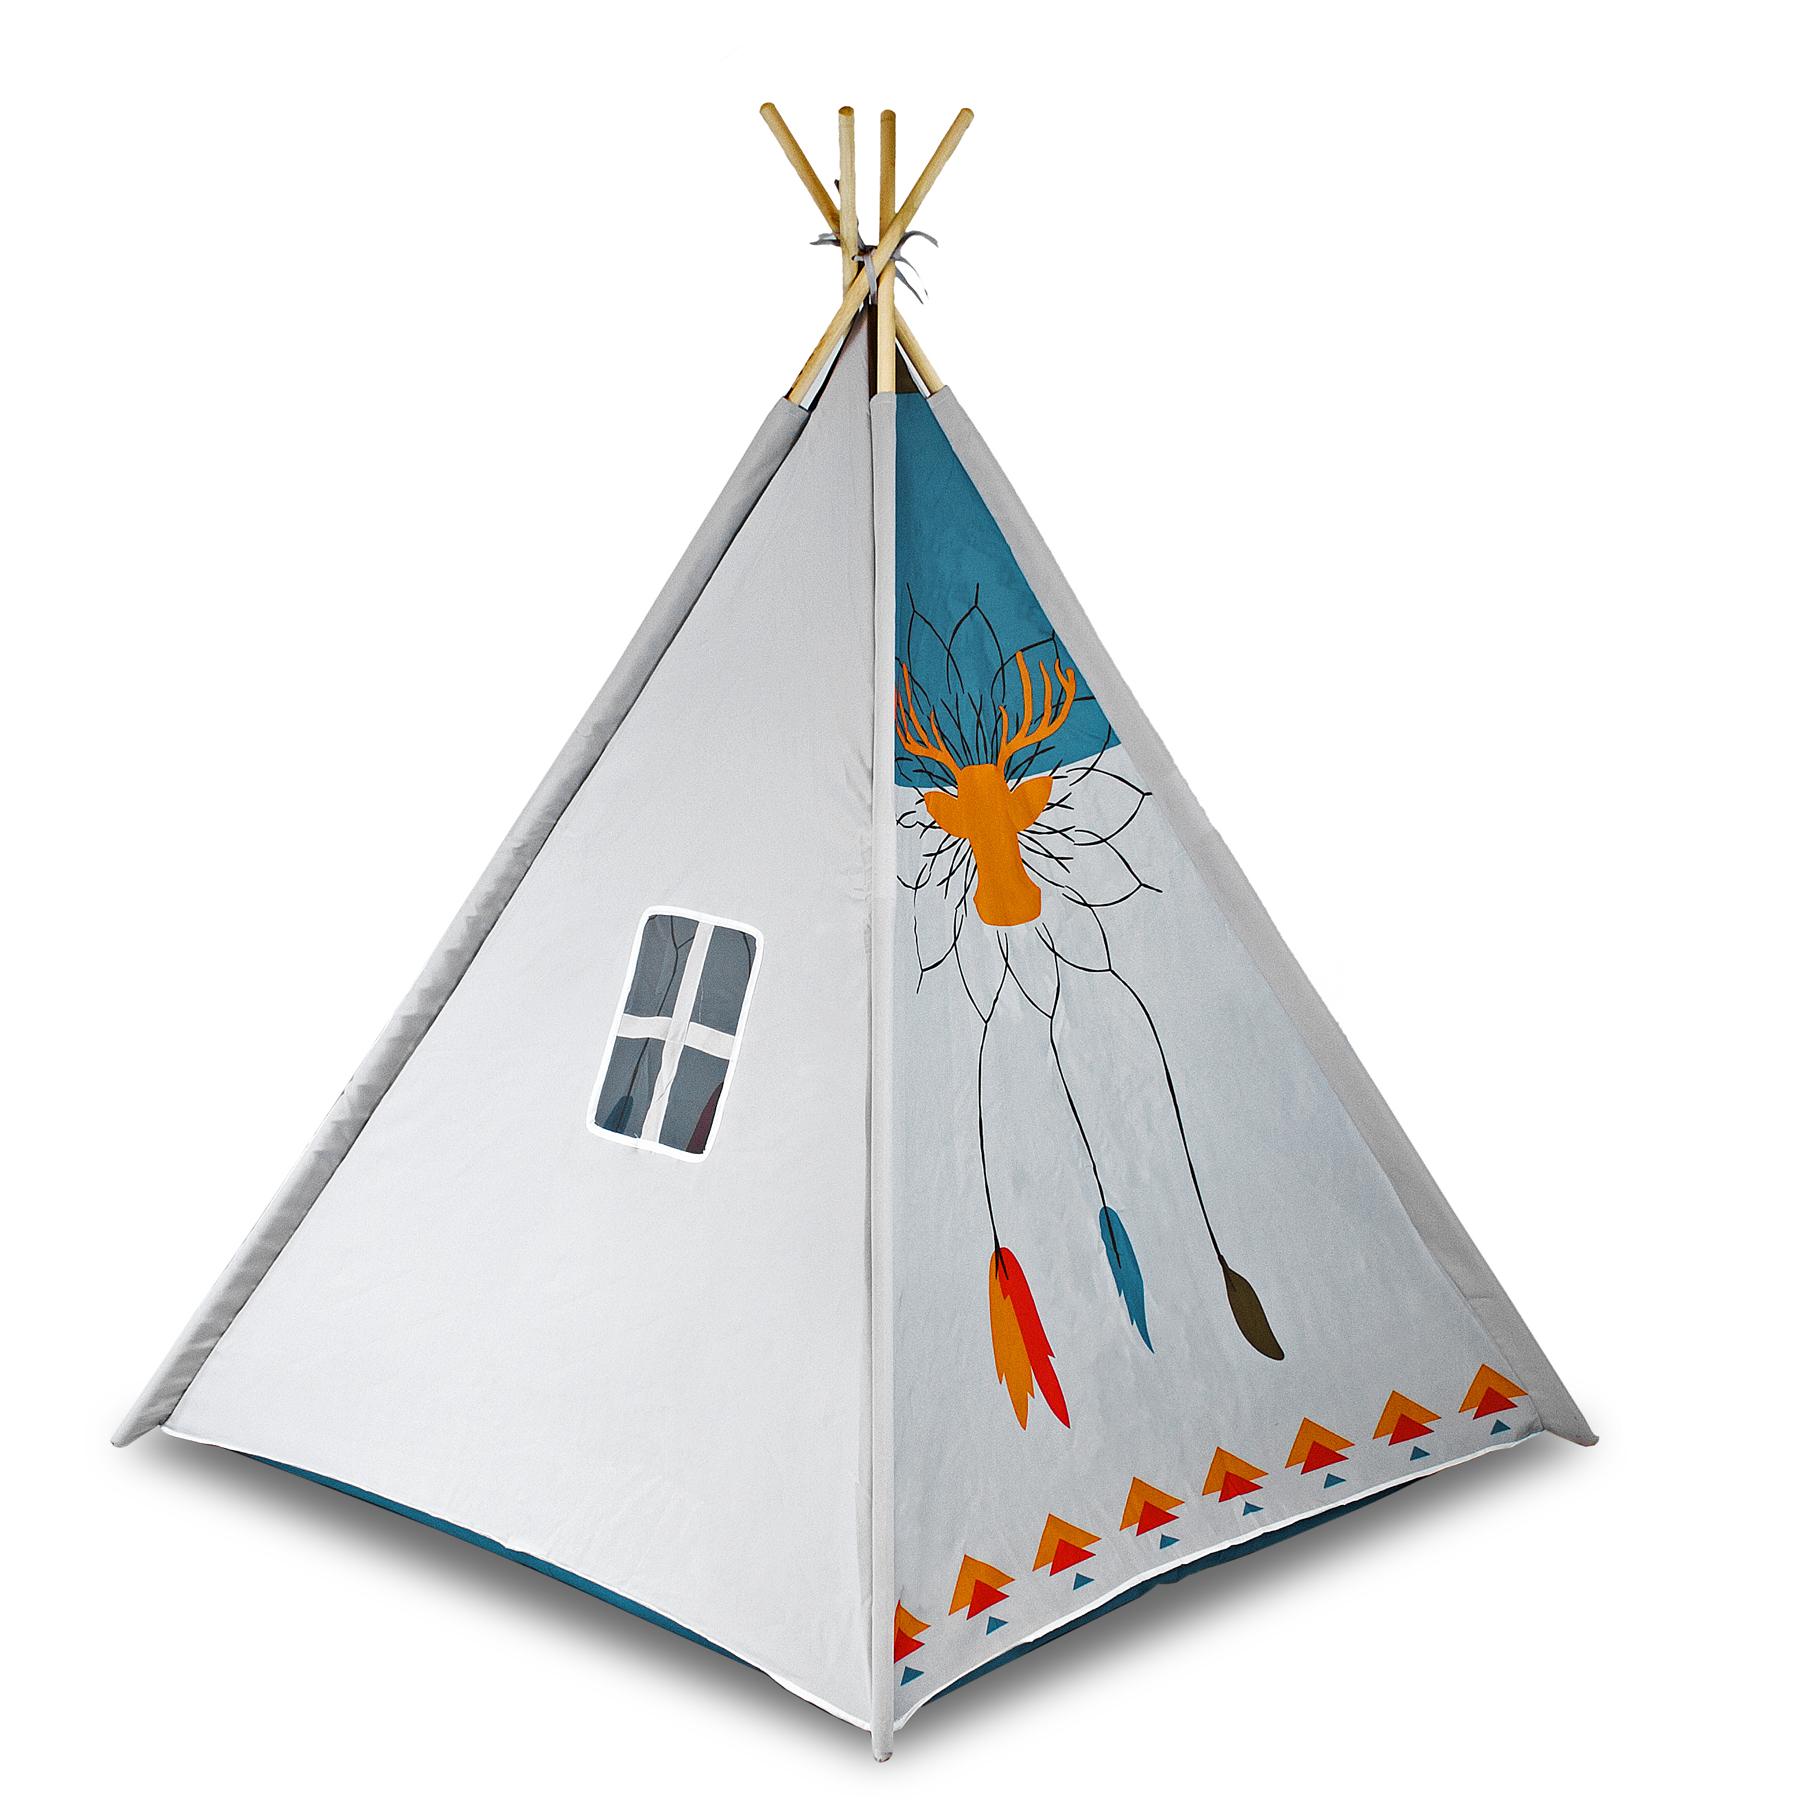 Kinderzelt tipi spielzelt indianer indianerzelt - Indianerzelt kinderzimmer ...